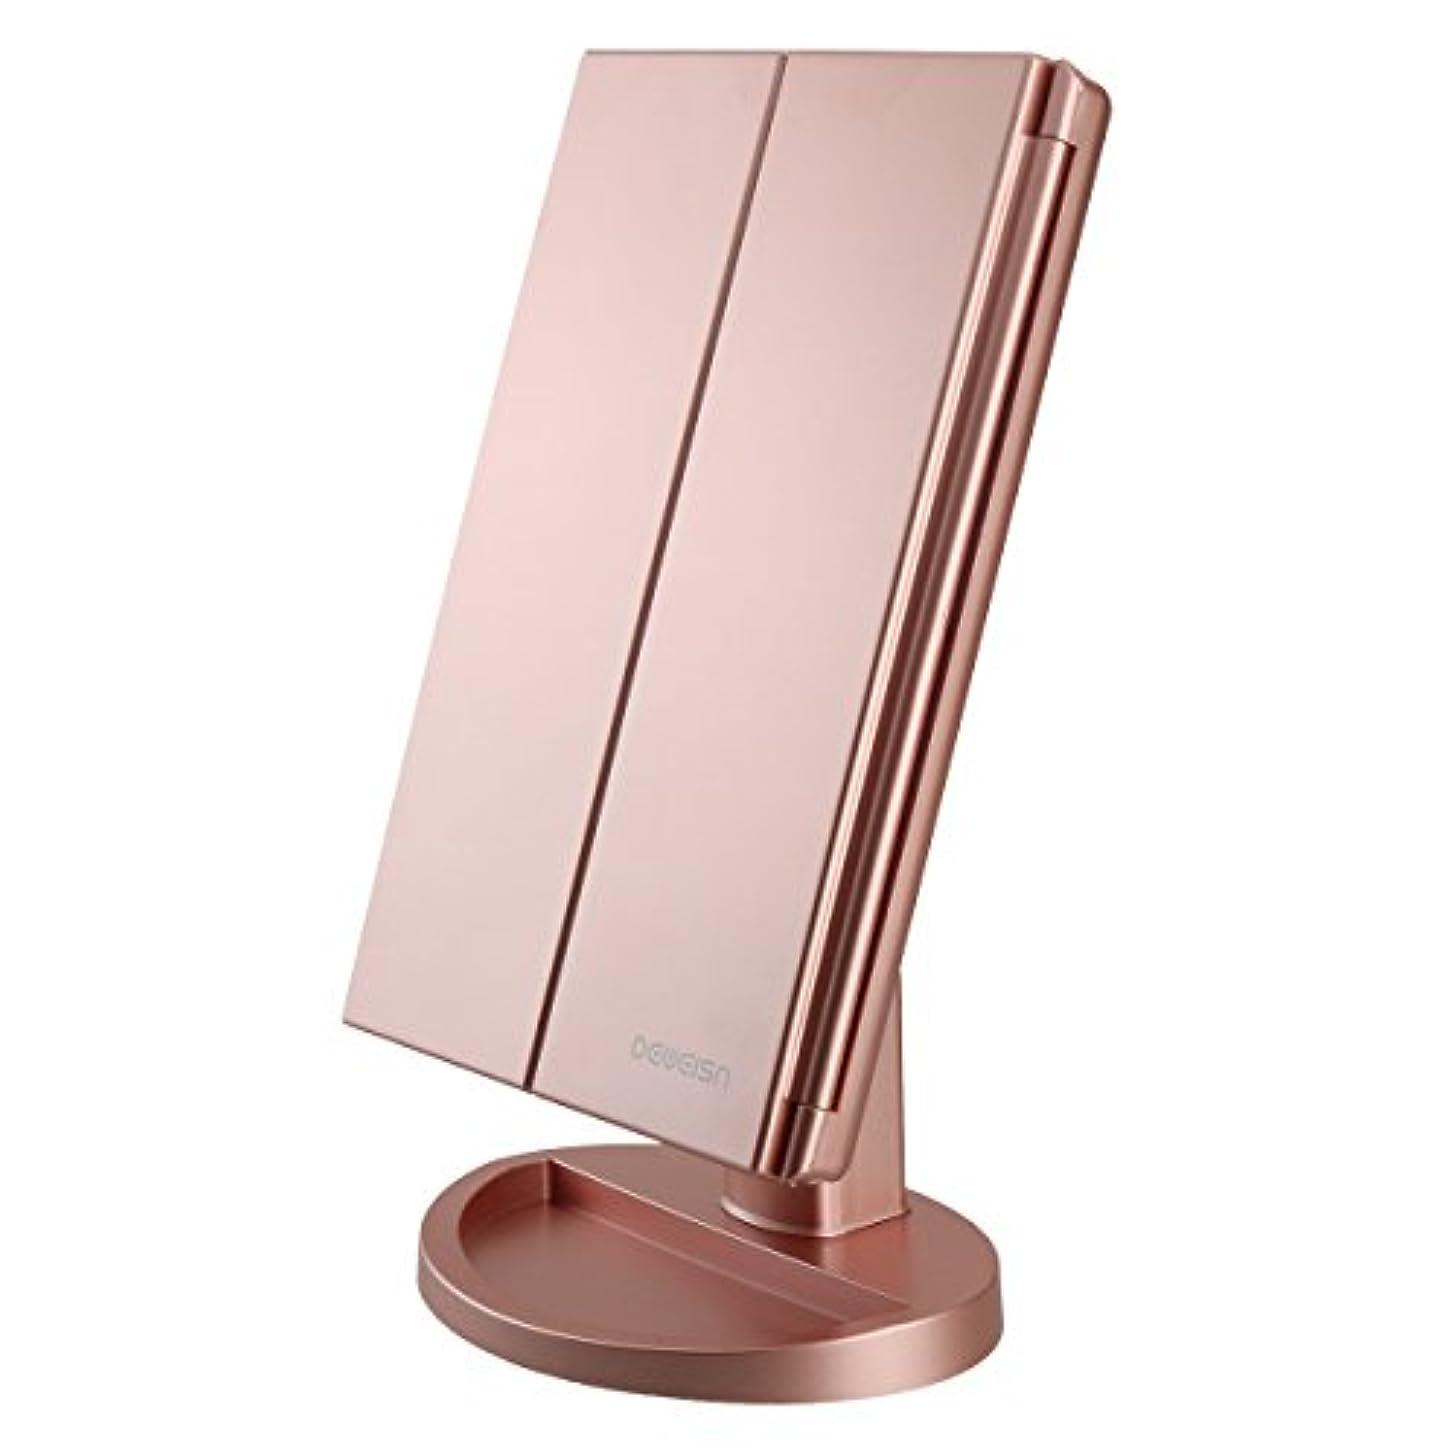 価値ラジウム道徳の卓上三面鏡 LED化粧鏡 電池交換可能 2倍&3倍拡大鏡付き 角度自由調整 明るさ調整可能 折り畳み式 LEDライト21個 全3色 スタンド ミラー (ローズゴールド)